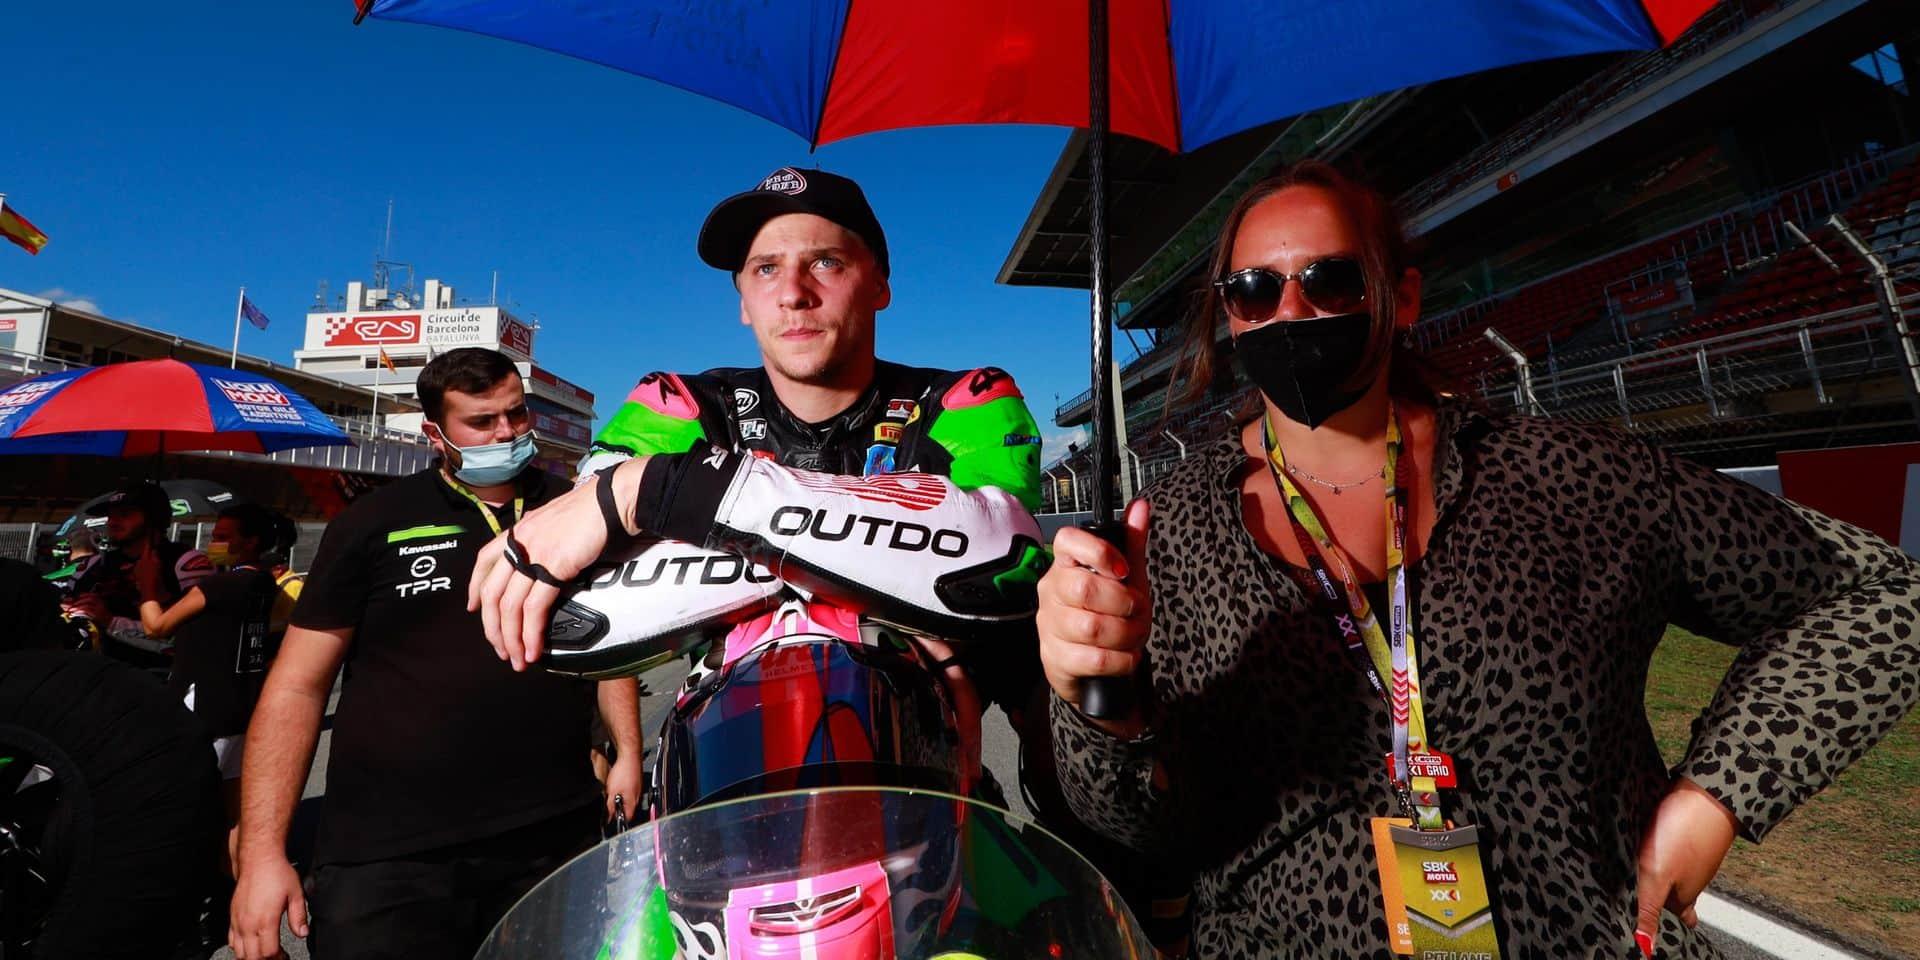 World Superbike: Une 18e place et un abandon pour Loris Cresson à Barcelone